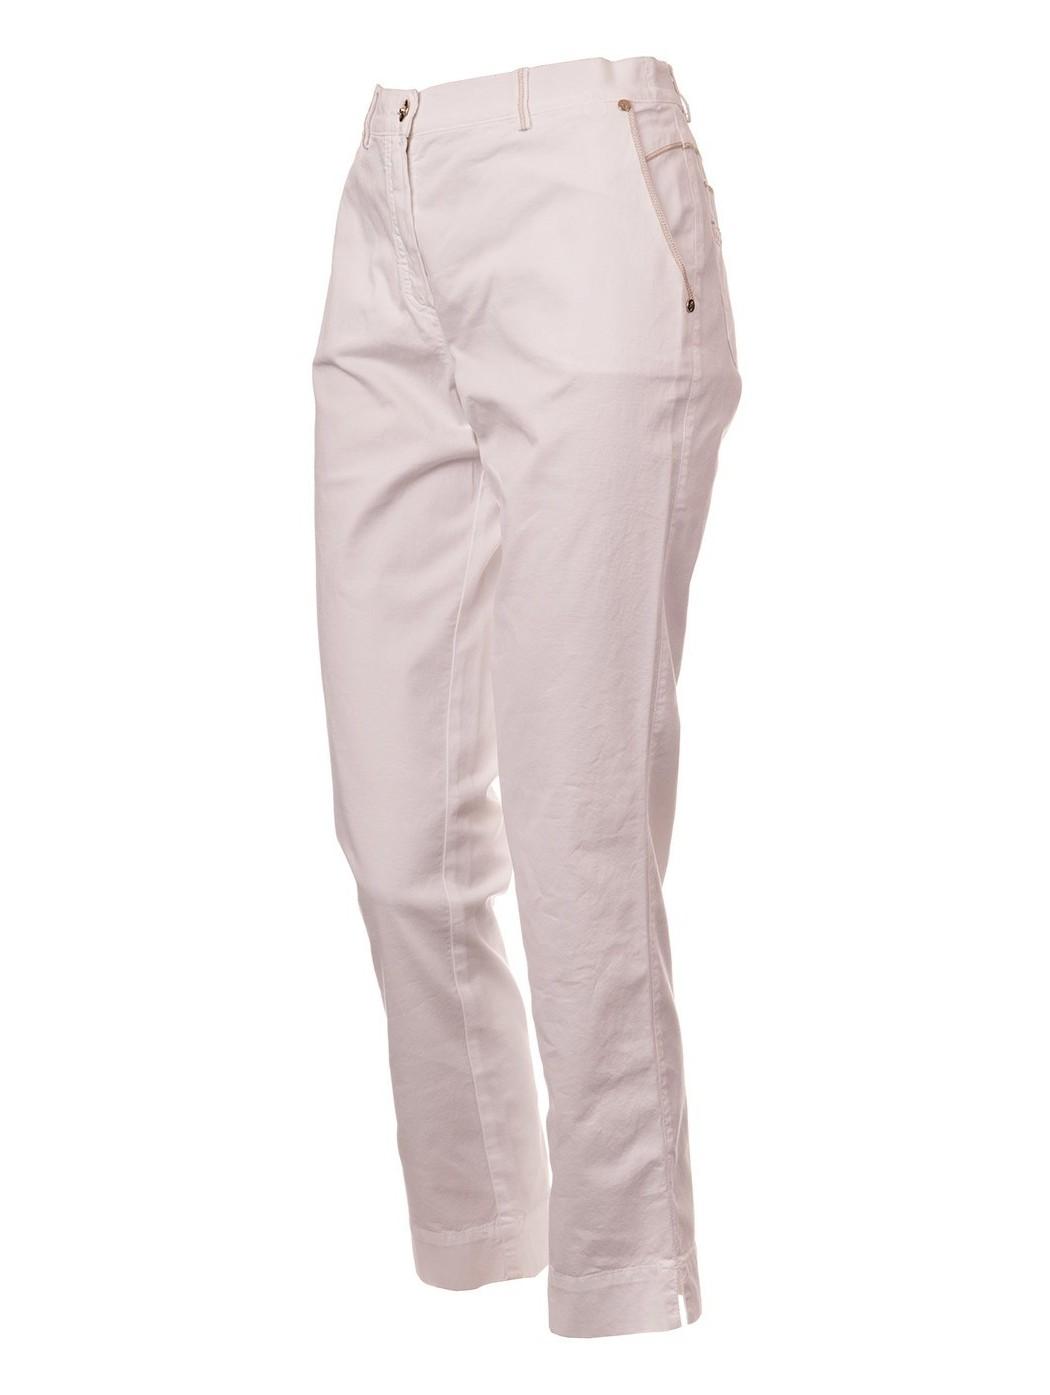 Spodnie Capri Pucci białe